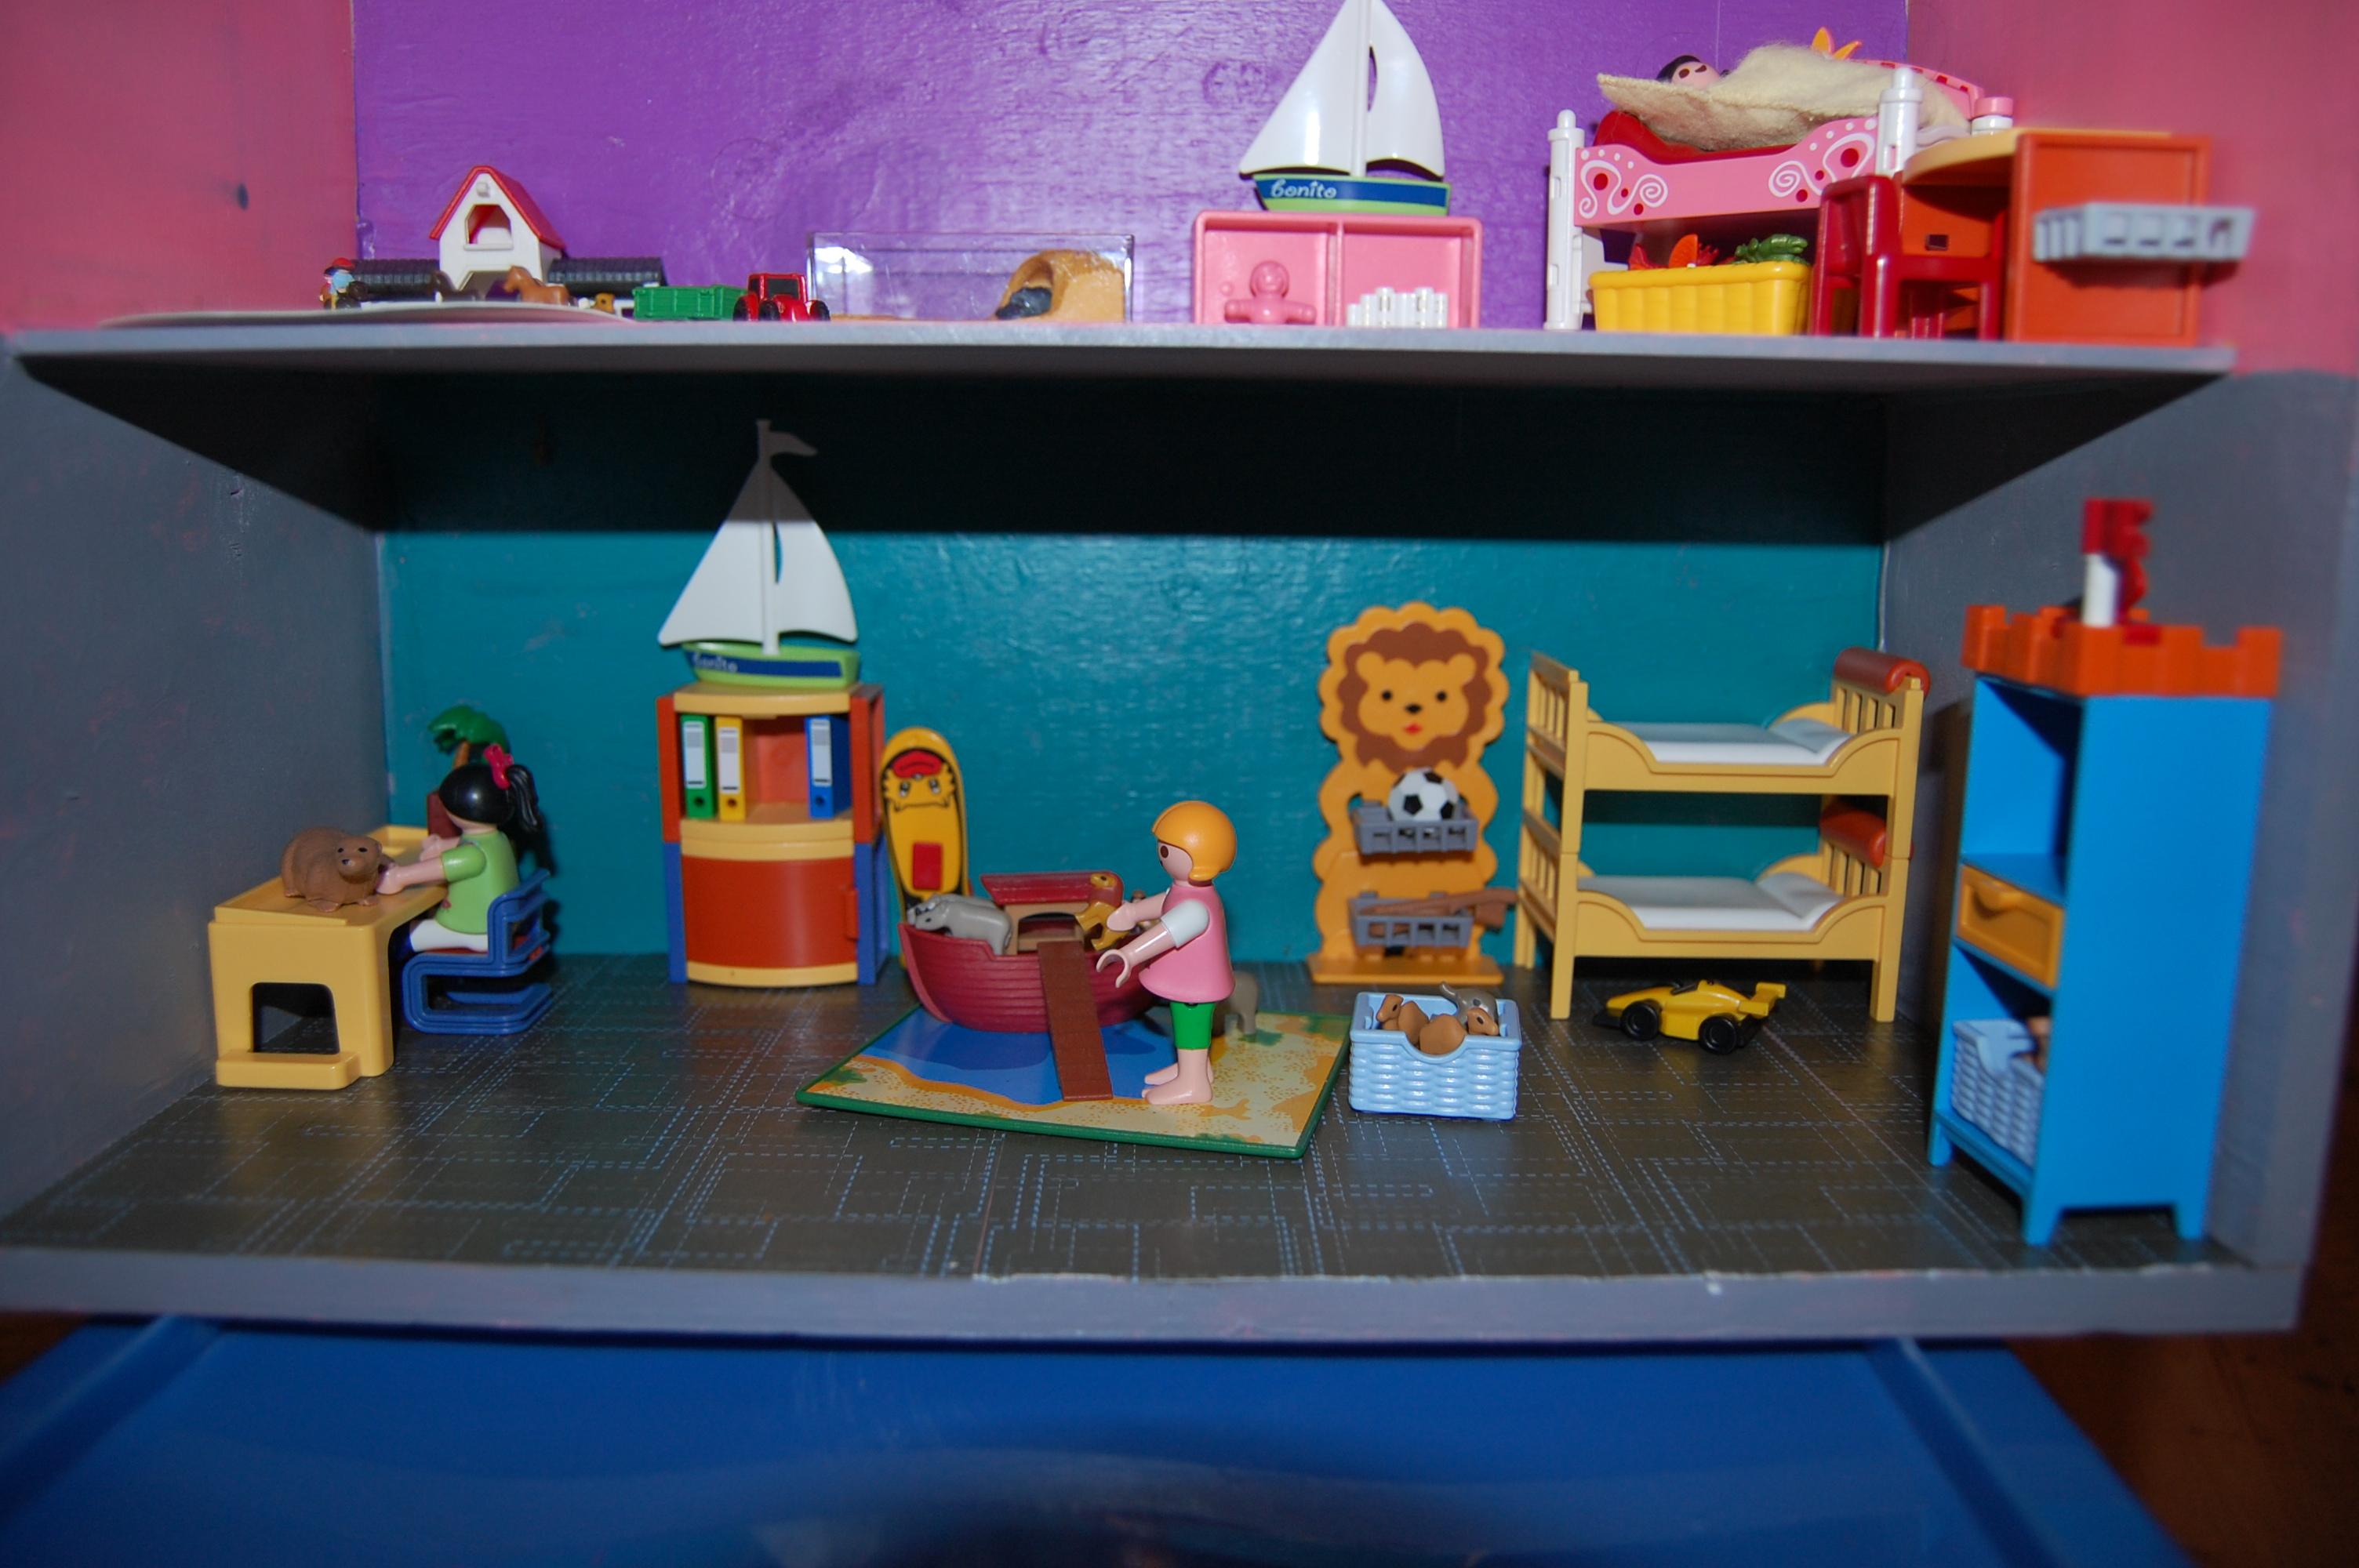 Fabriquer une maison pour les playmobil 29 novembre for Playmobil chambre des parents